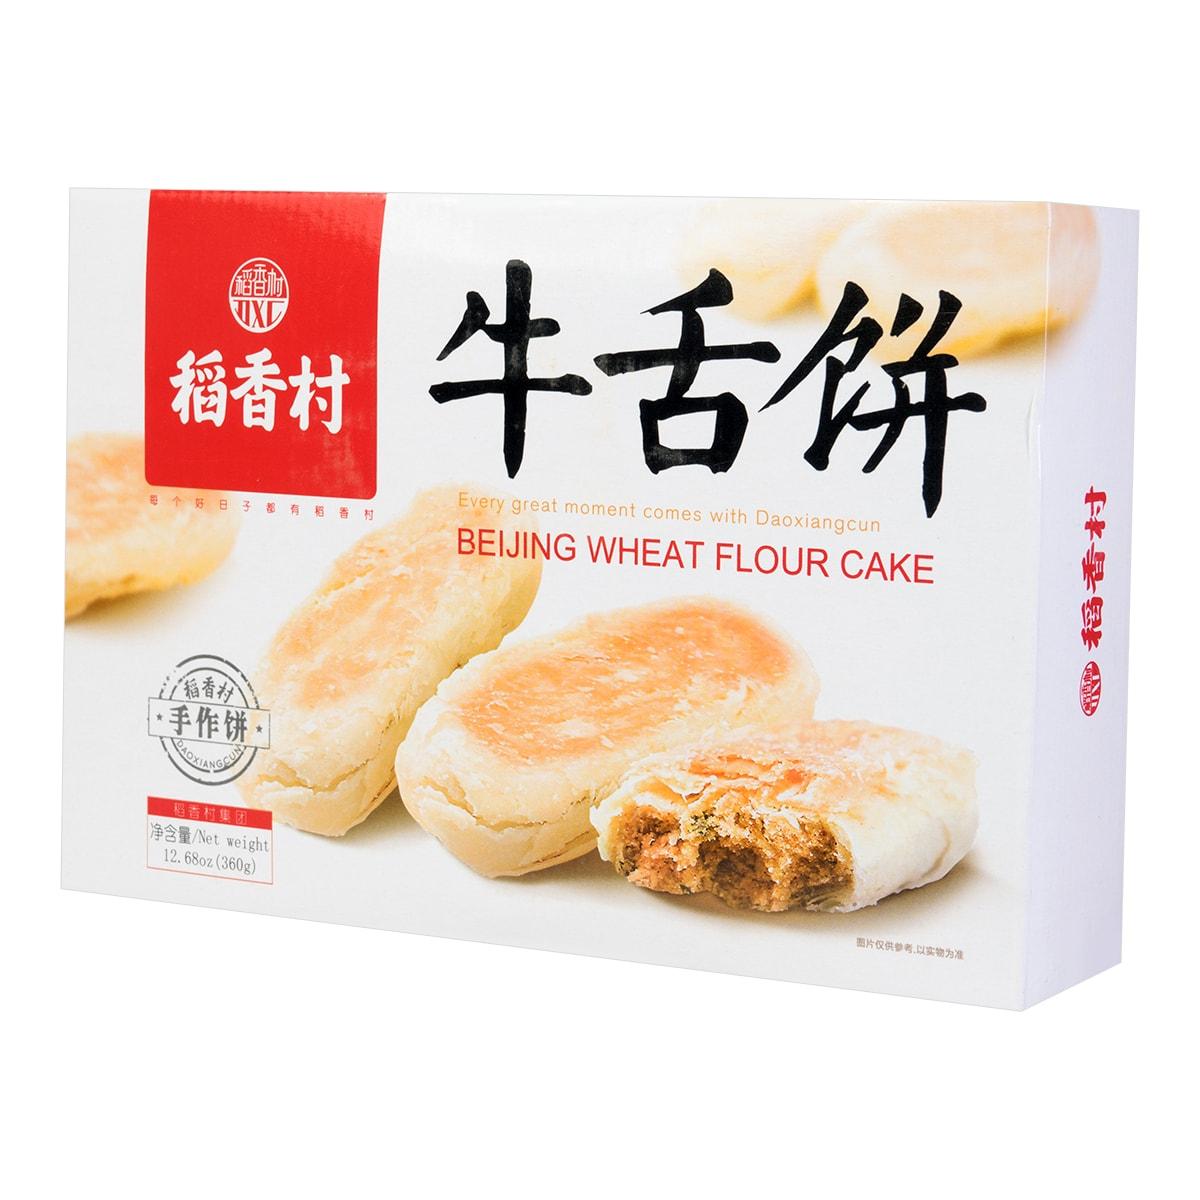 稻香村 牛舌饼 360g 怎么样 - 亚米网